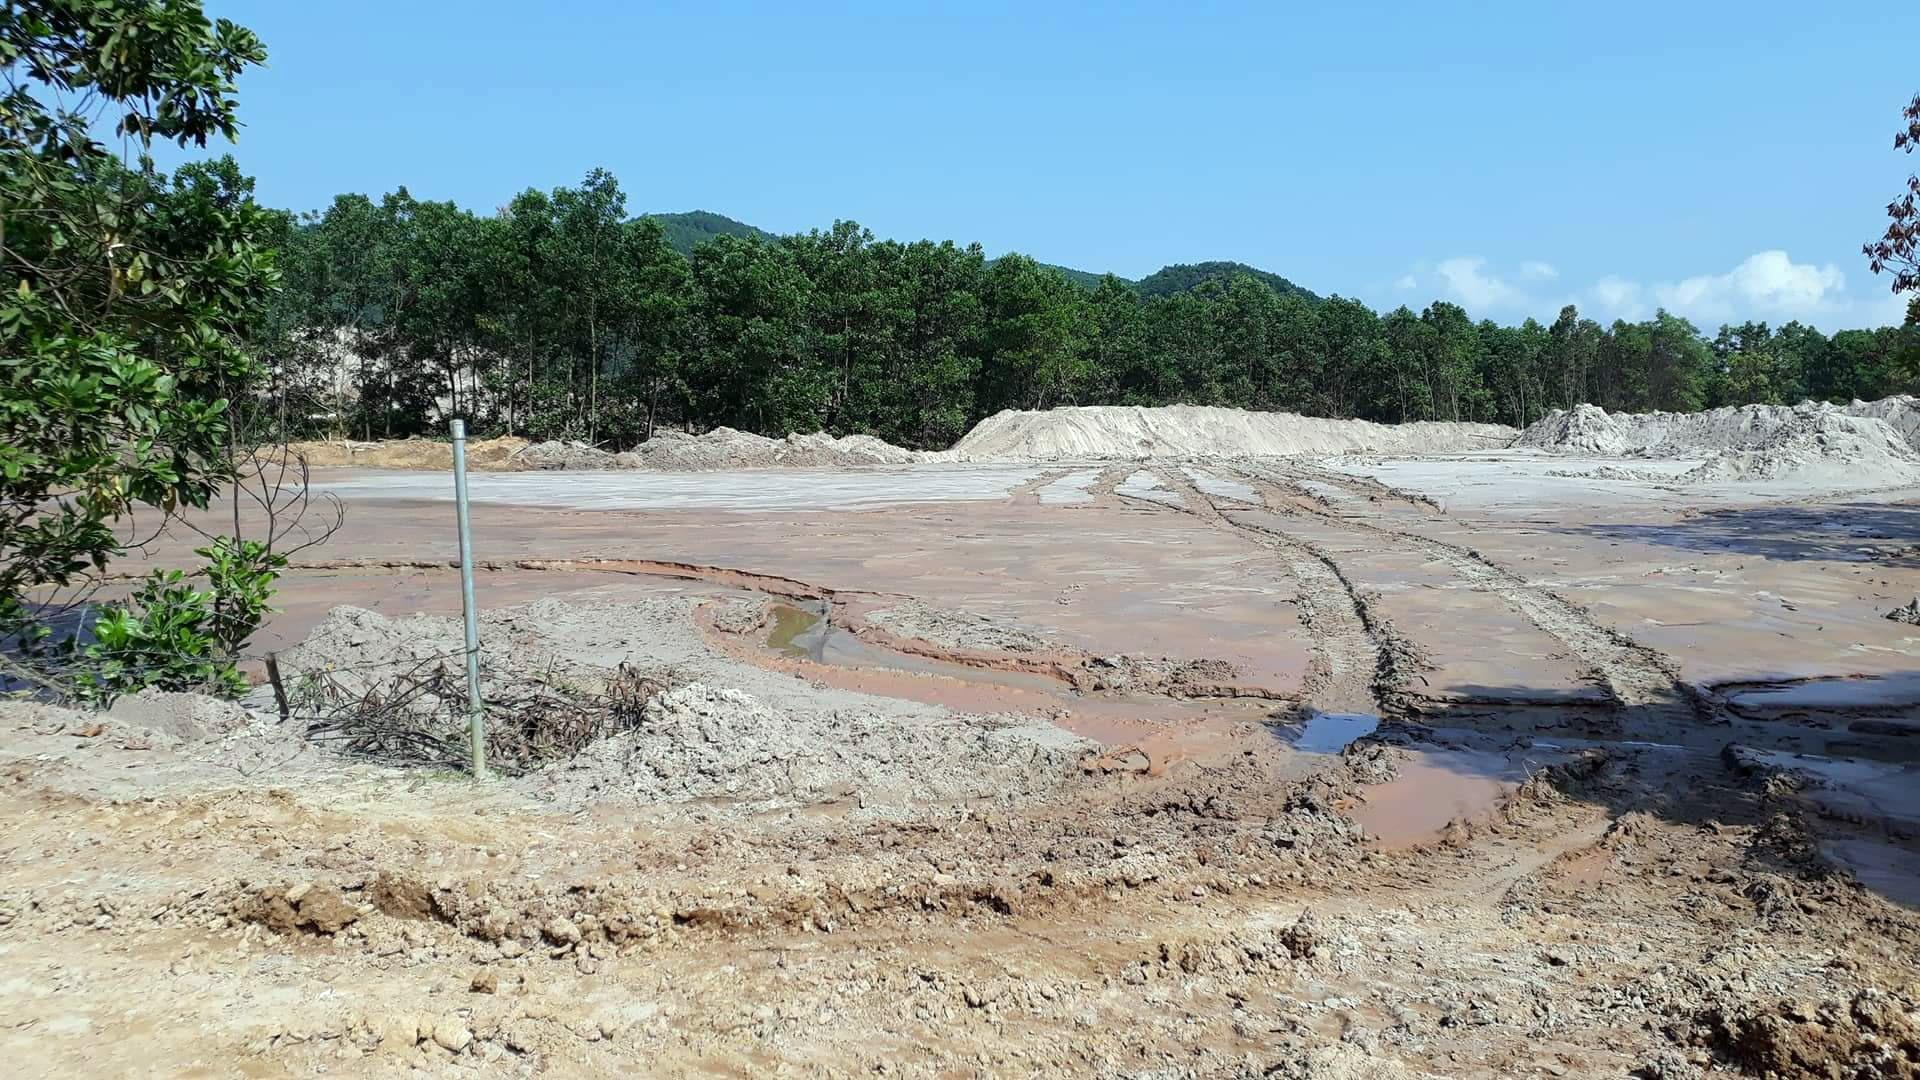 Bãi chứa xái quặng của Công ty CP Tập đoàn Khoáng sản công nghiệp 6666. Ảnh: T.N